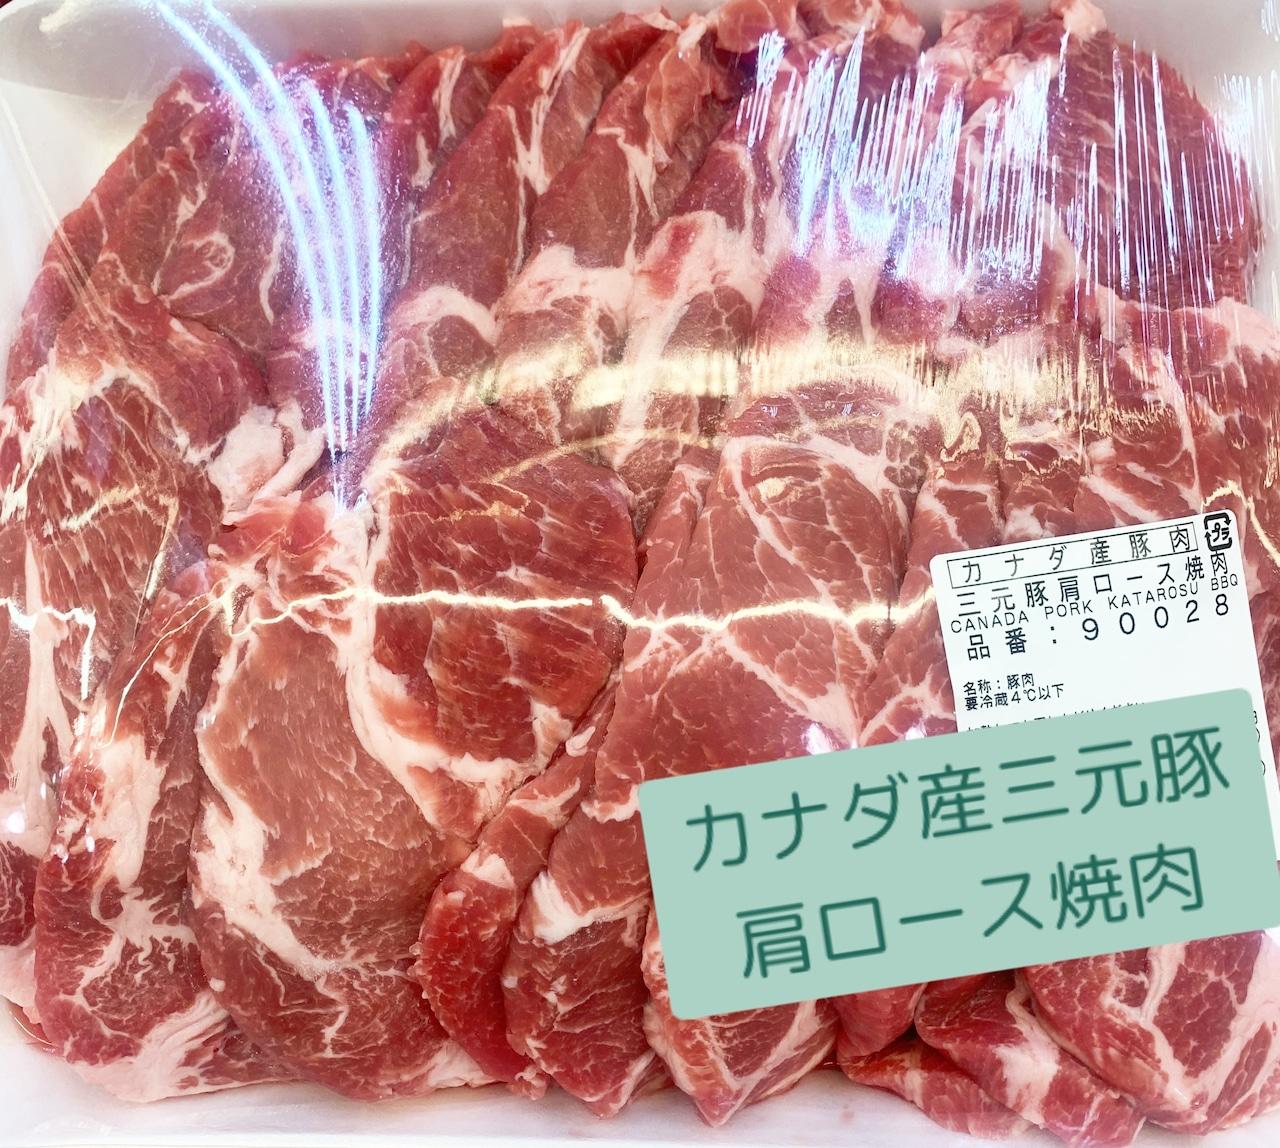 三元豚 肩ロース焼肉(カナダ産)約2,100g